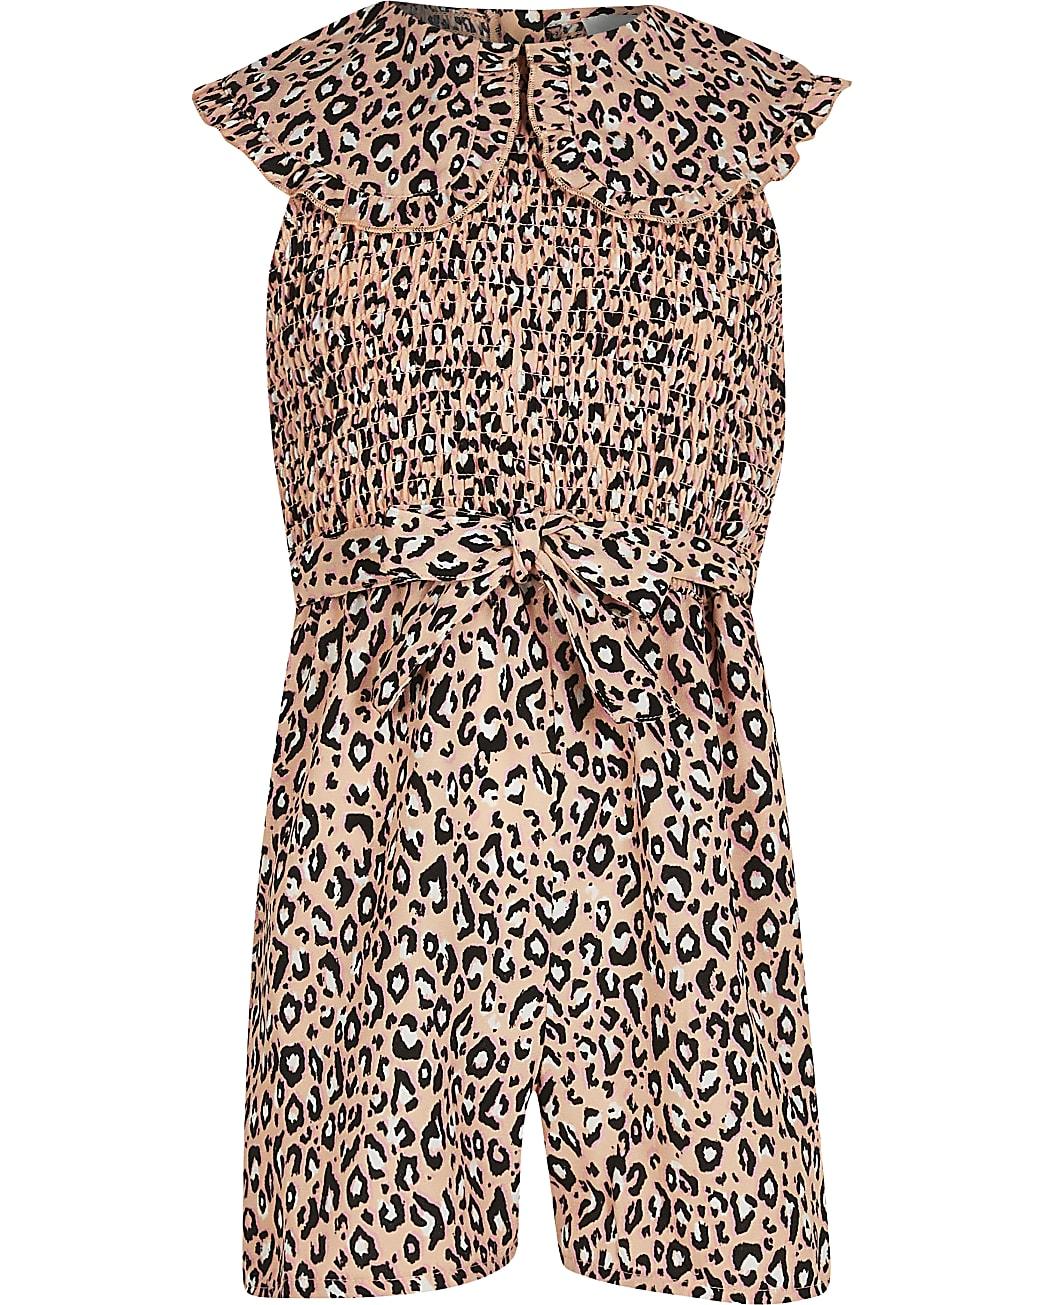 Girls orange animal print collar playsuit